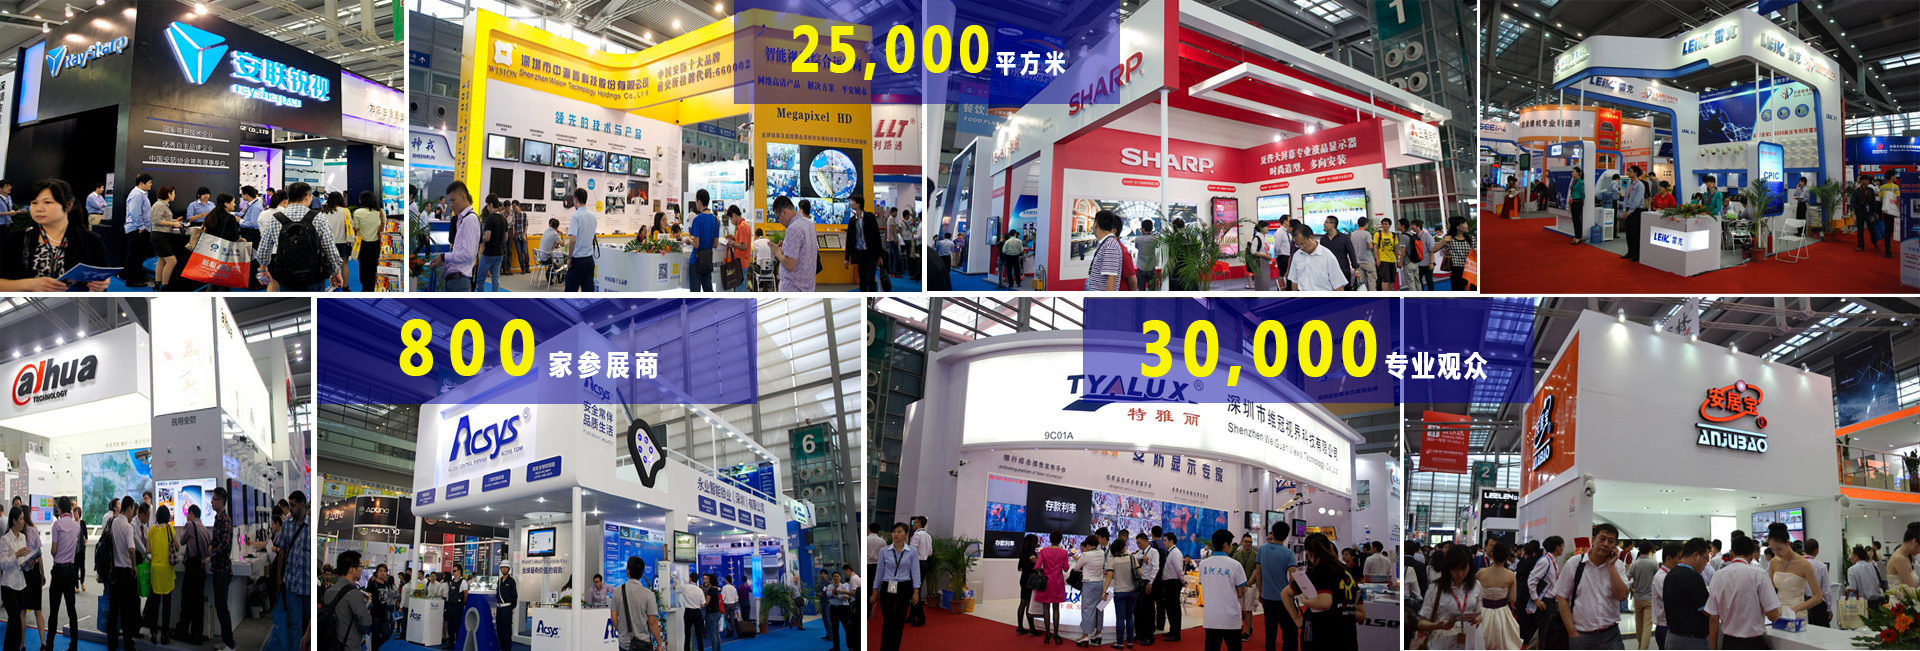 http://www.xiaoluxinxi.com/anfangzhaoming/308620.html